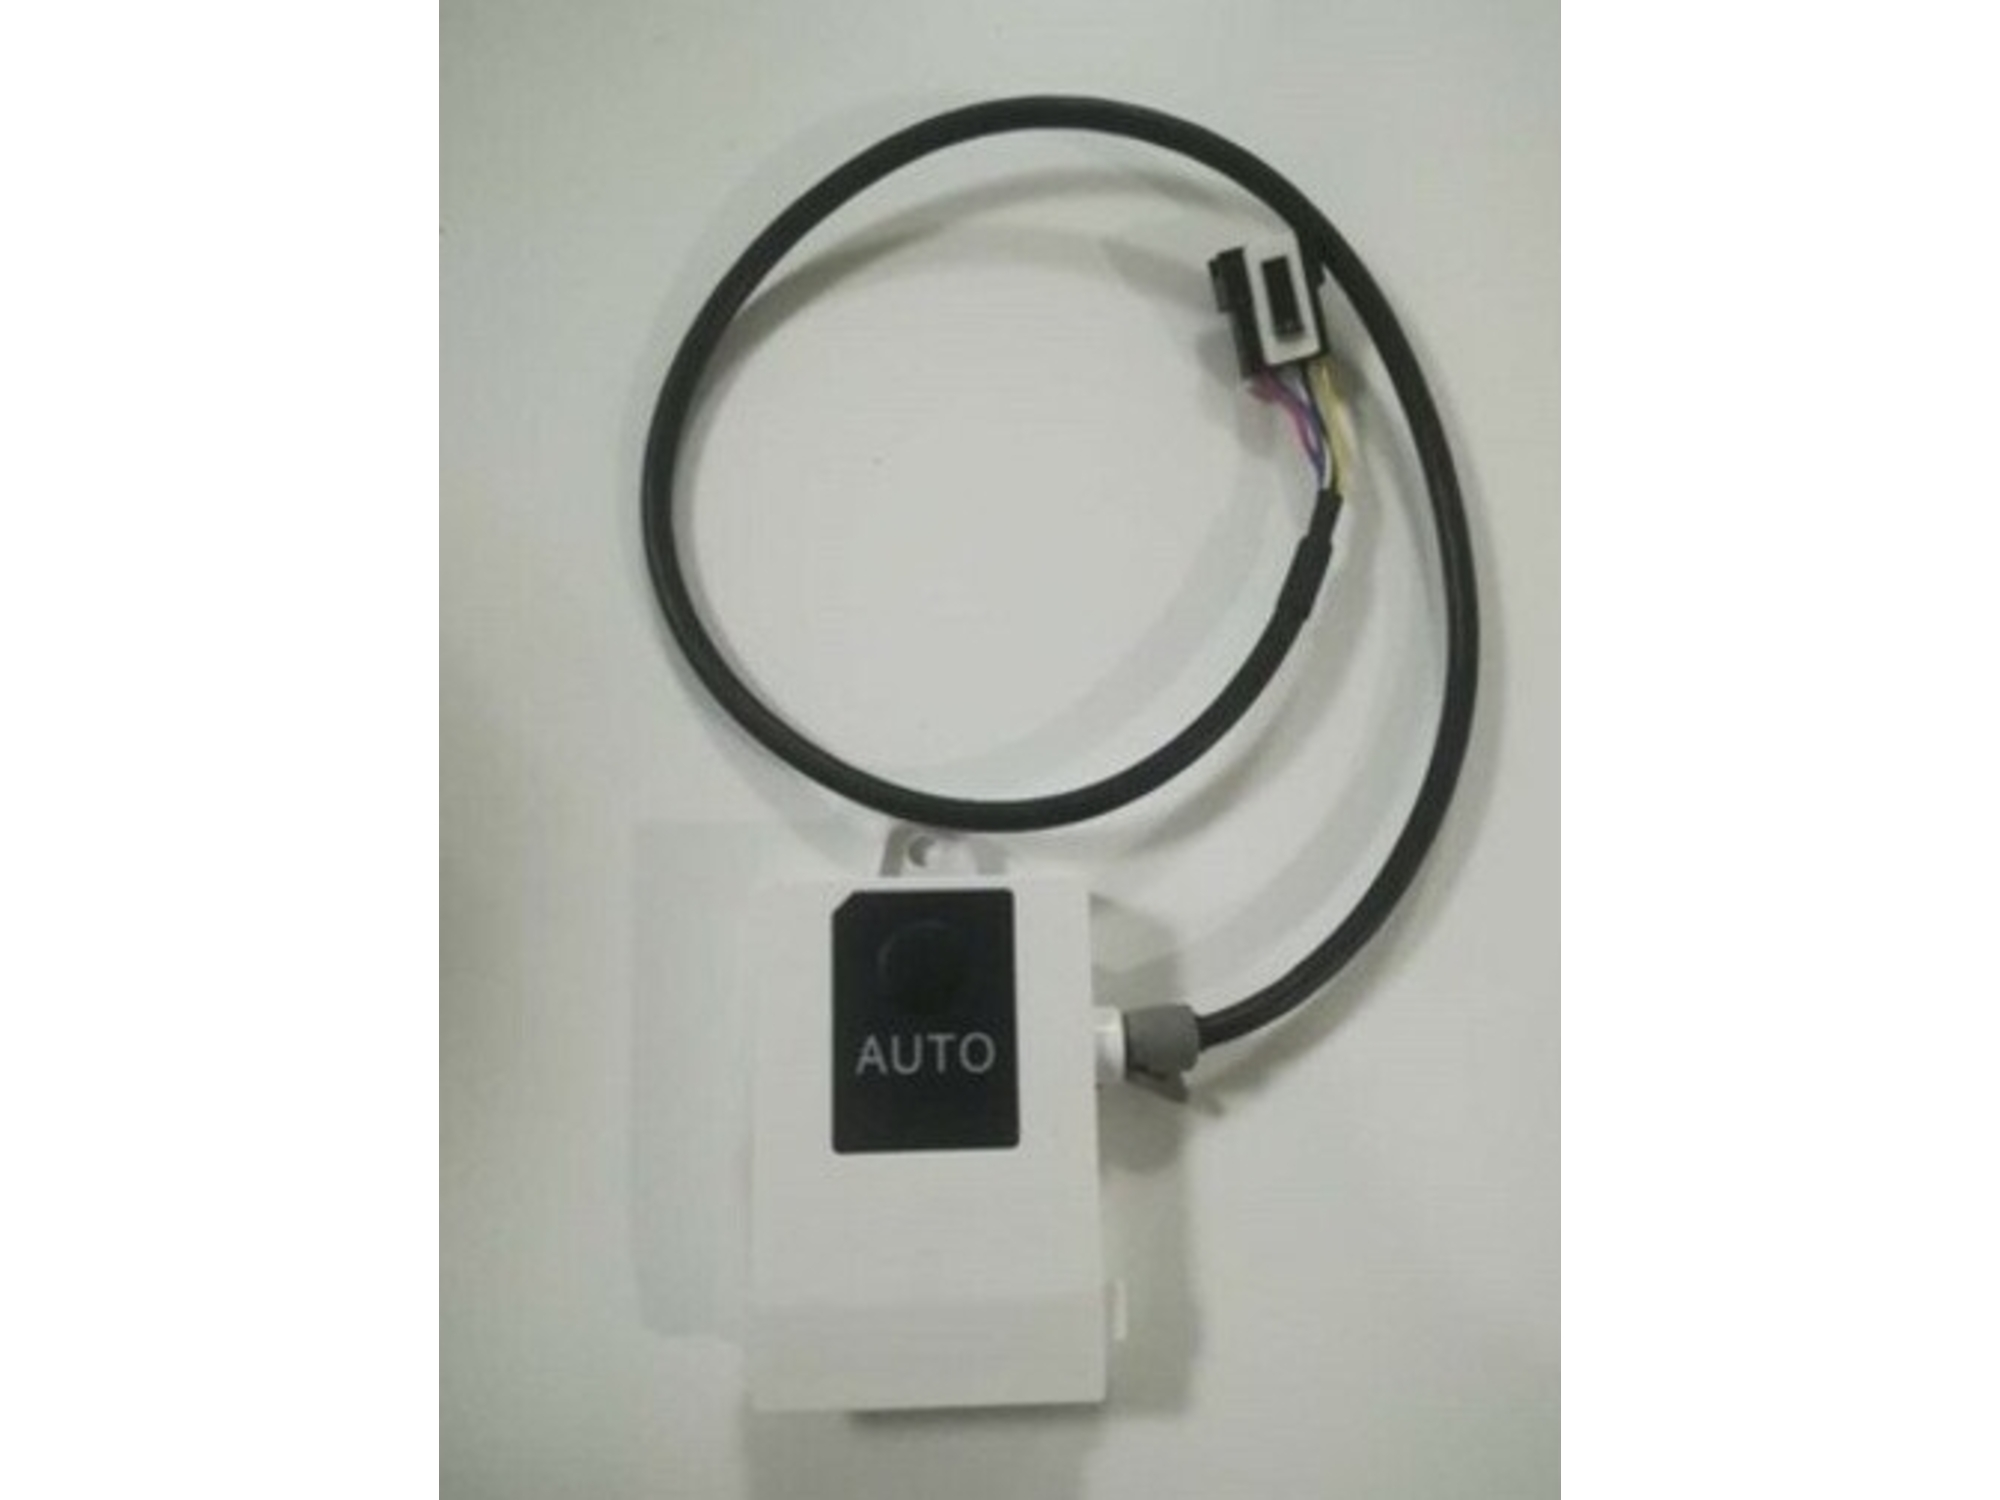 VOX Wi-Fi upravljalnik klimatskih naprav (IVA1-12IR) - ODPRTA EMBALAŽA